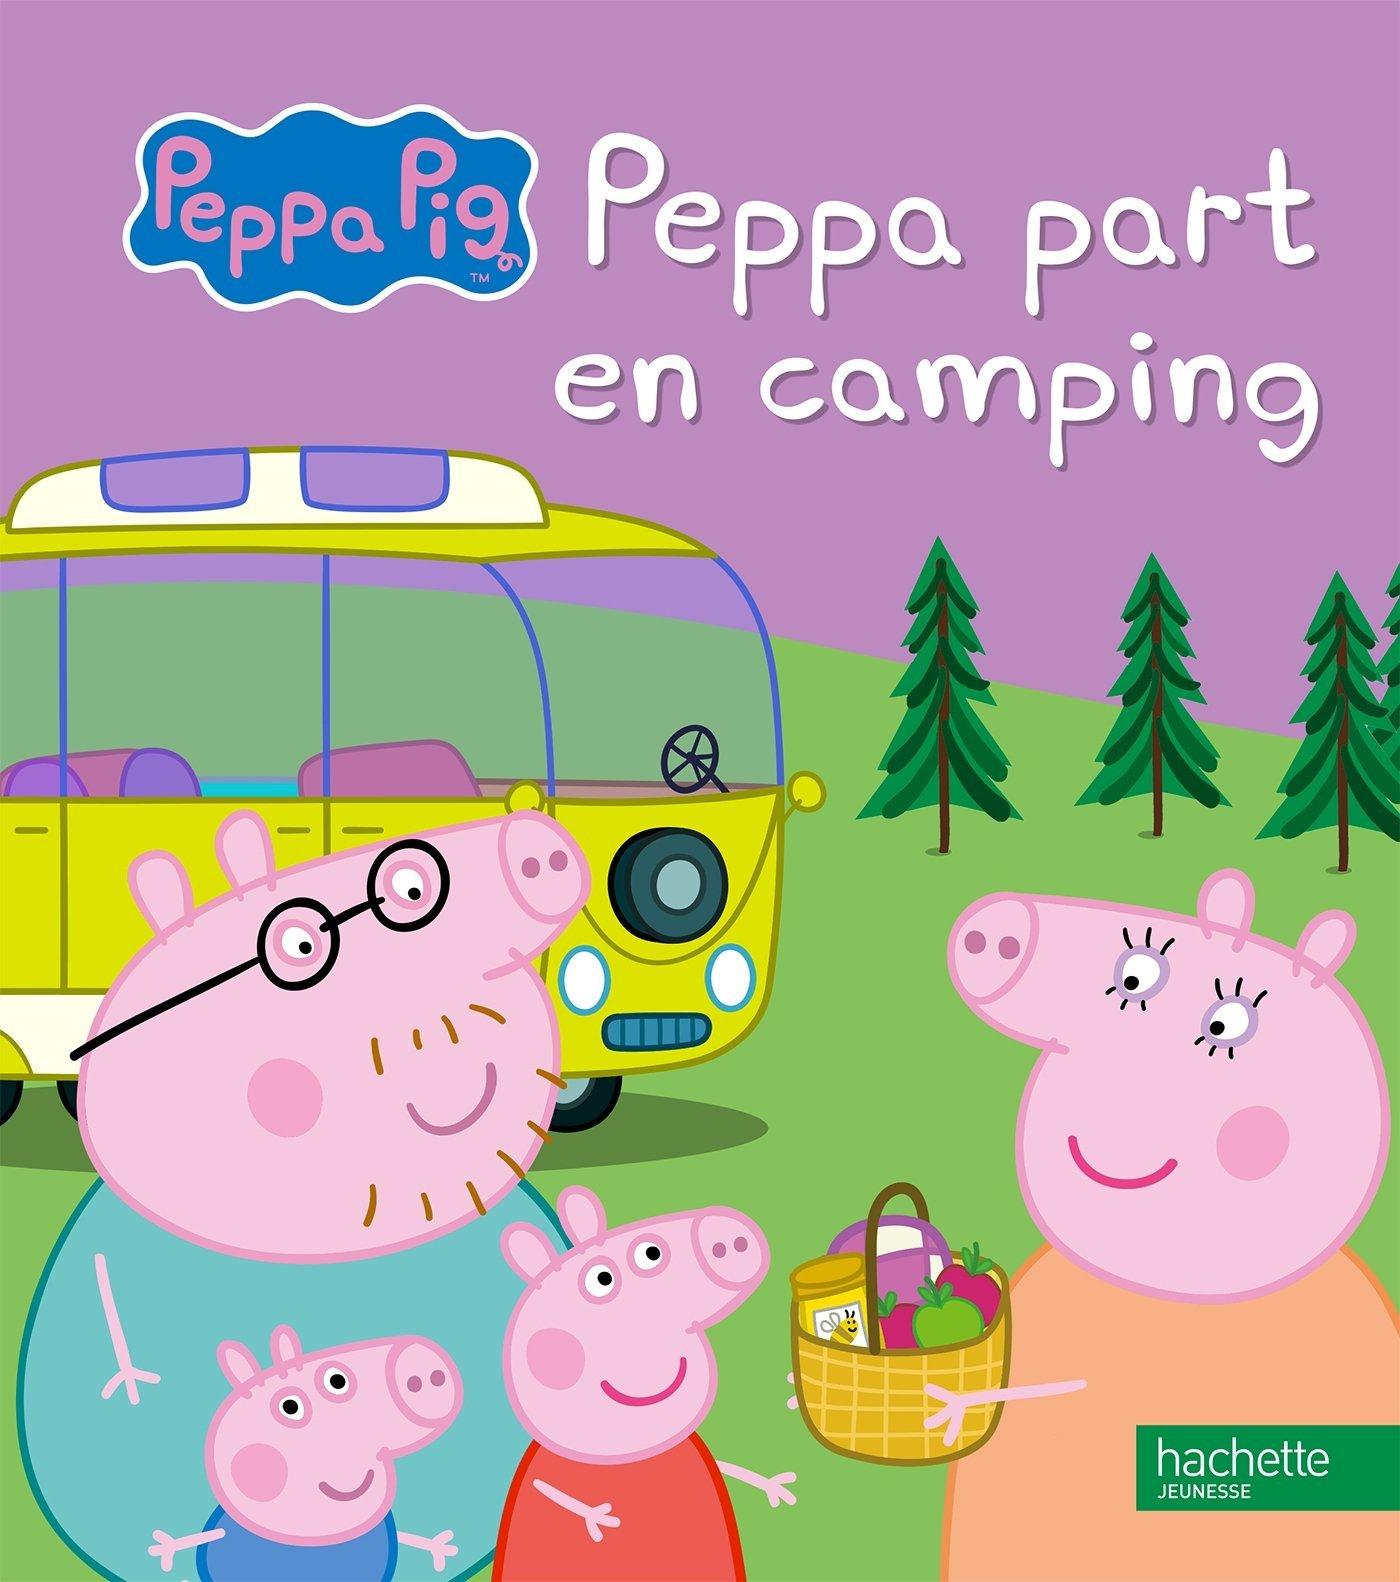 Les mercredis de julie peppa part en camping - Jeux de papa pig ...